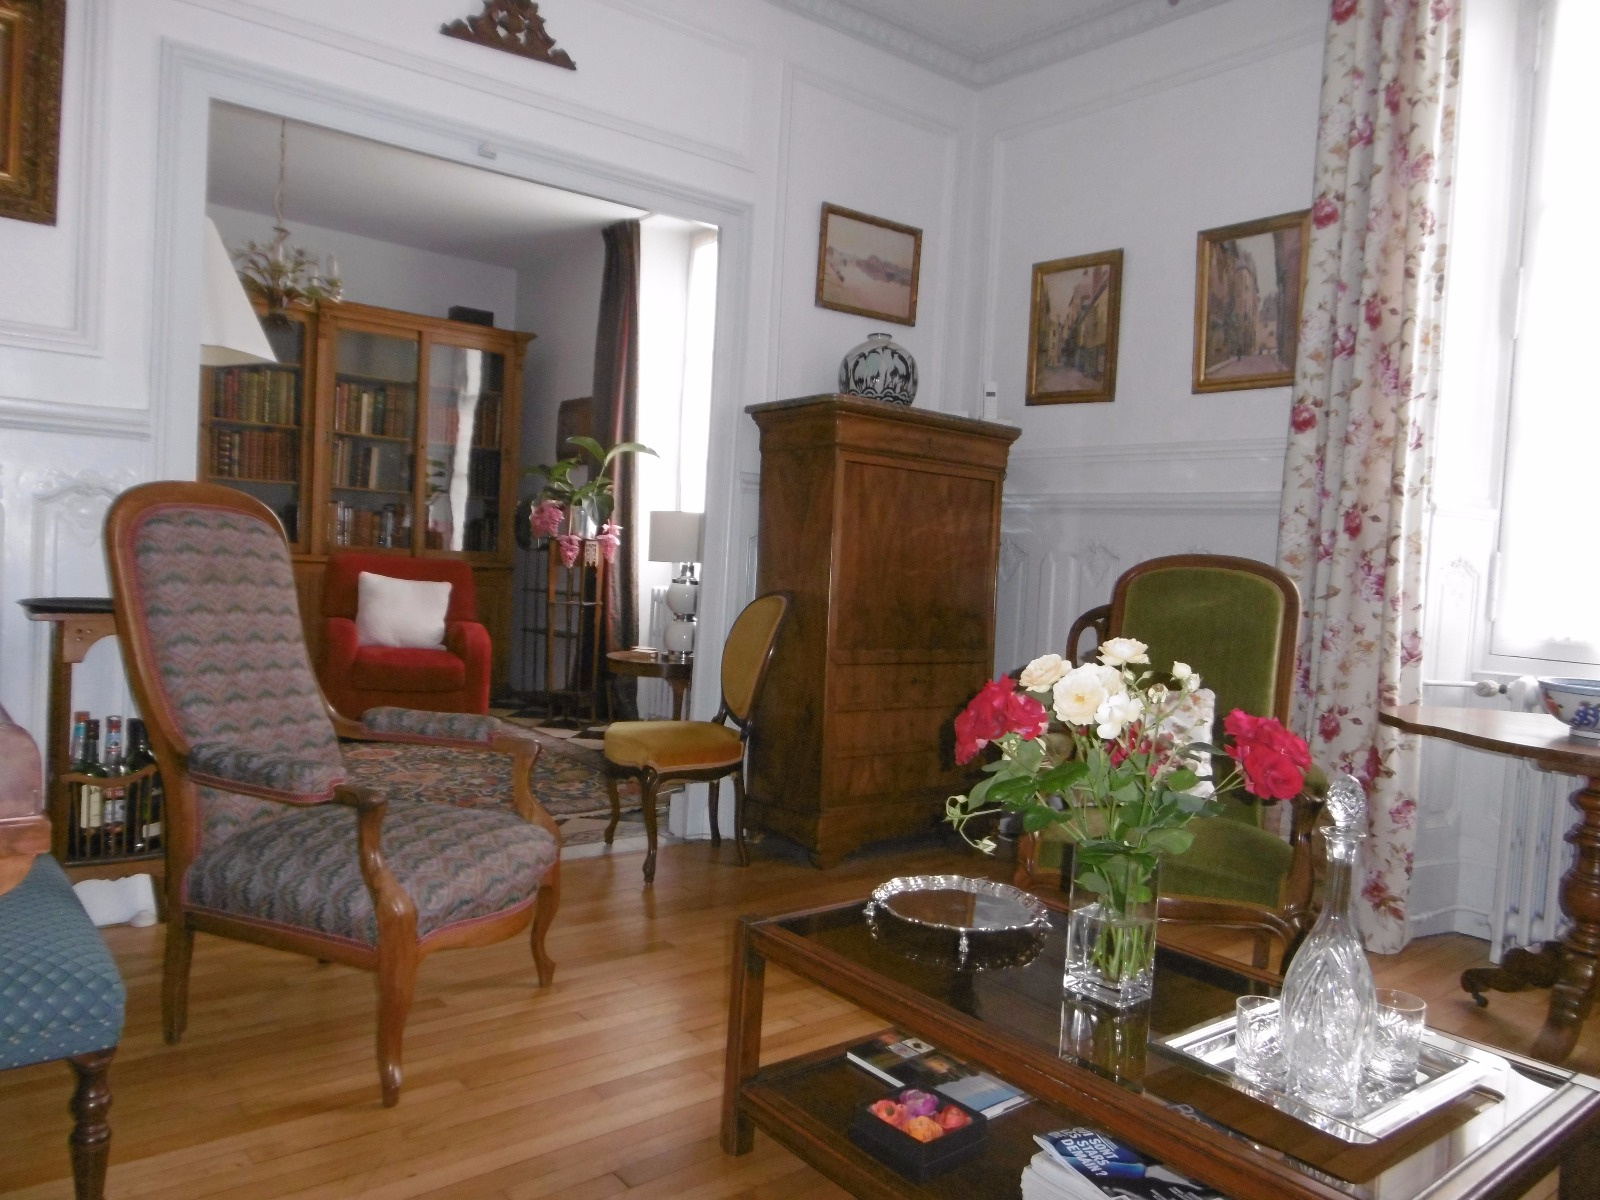 Vente maison le mans ideal famille ou activit de for Loi chambre hote